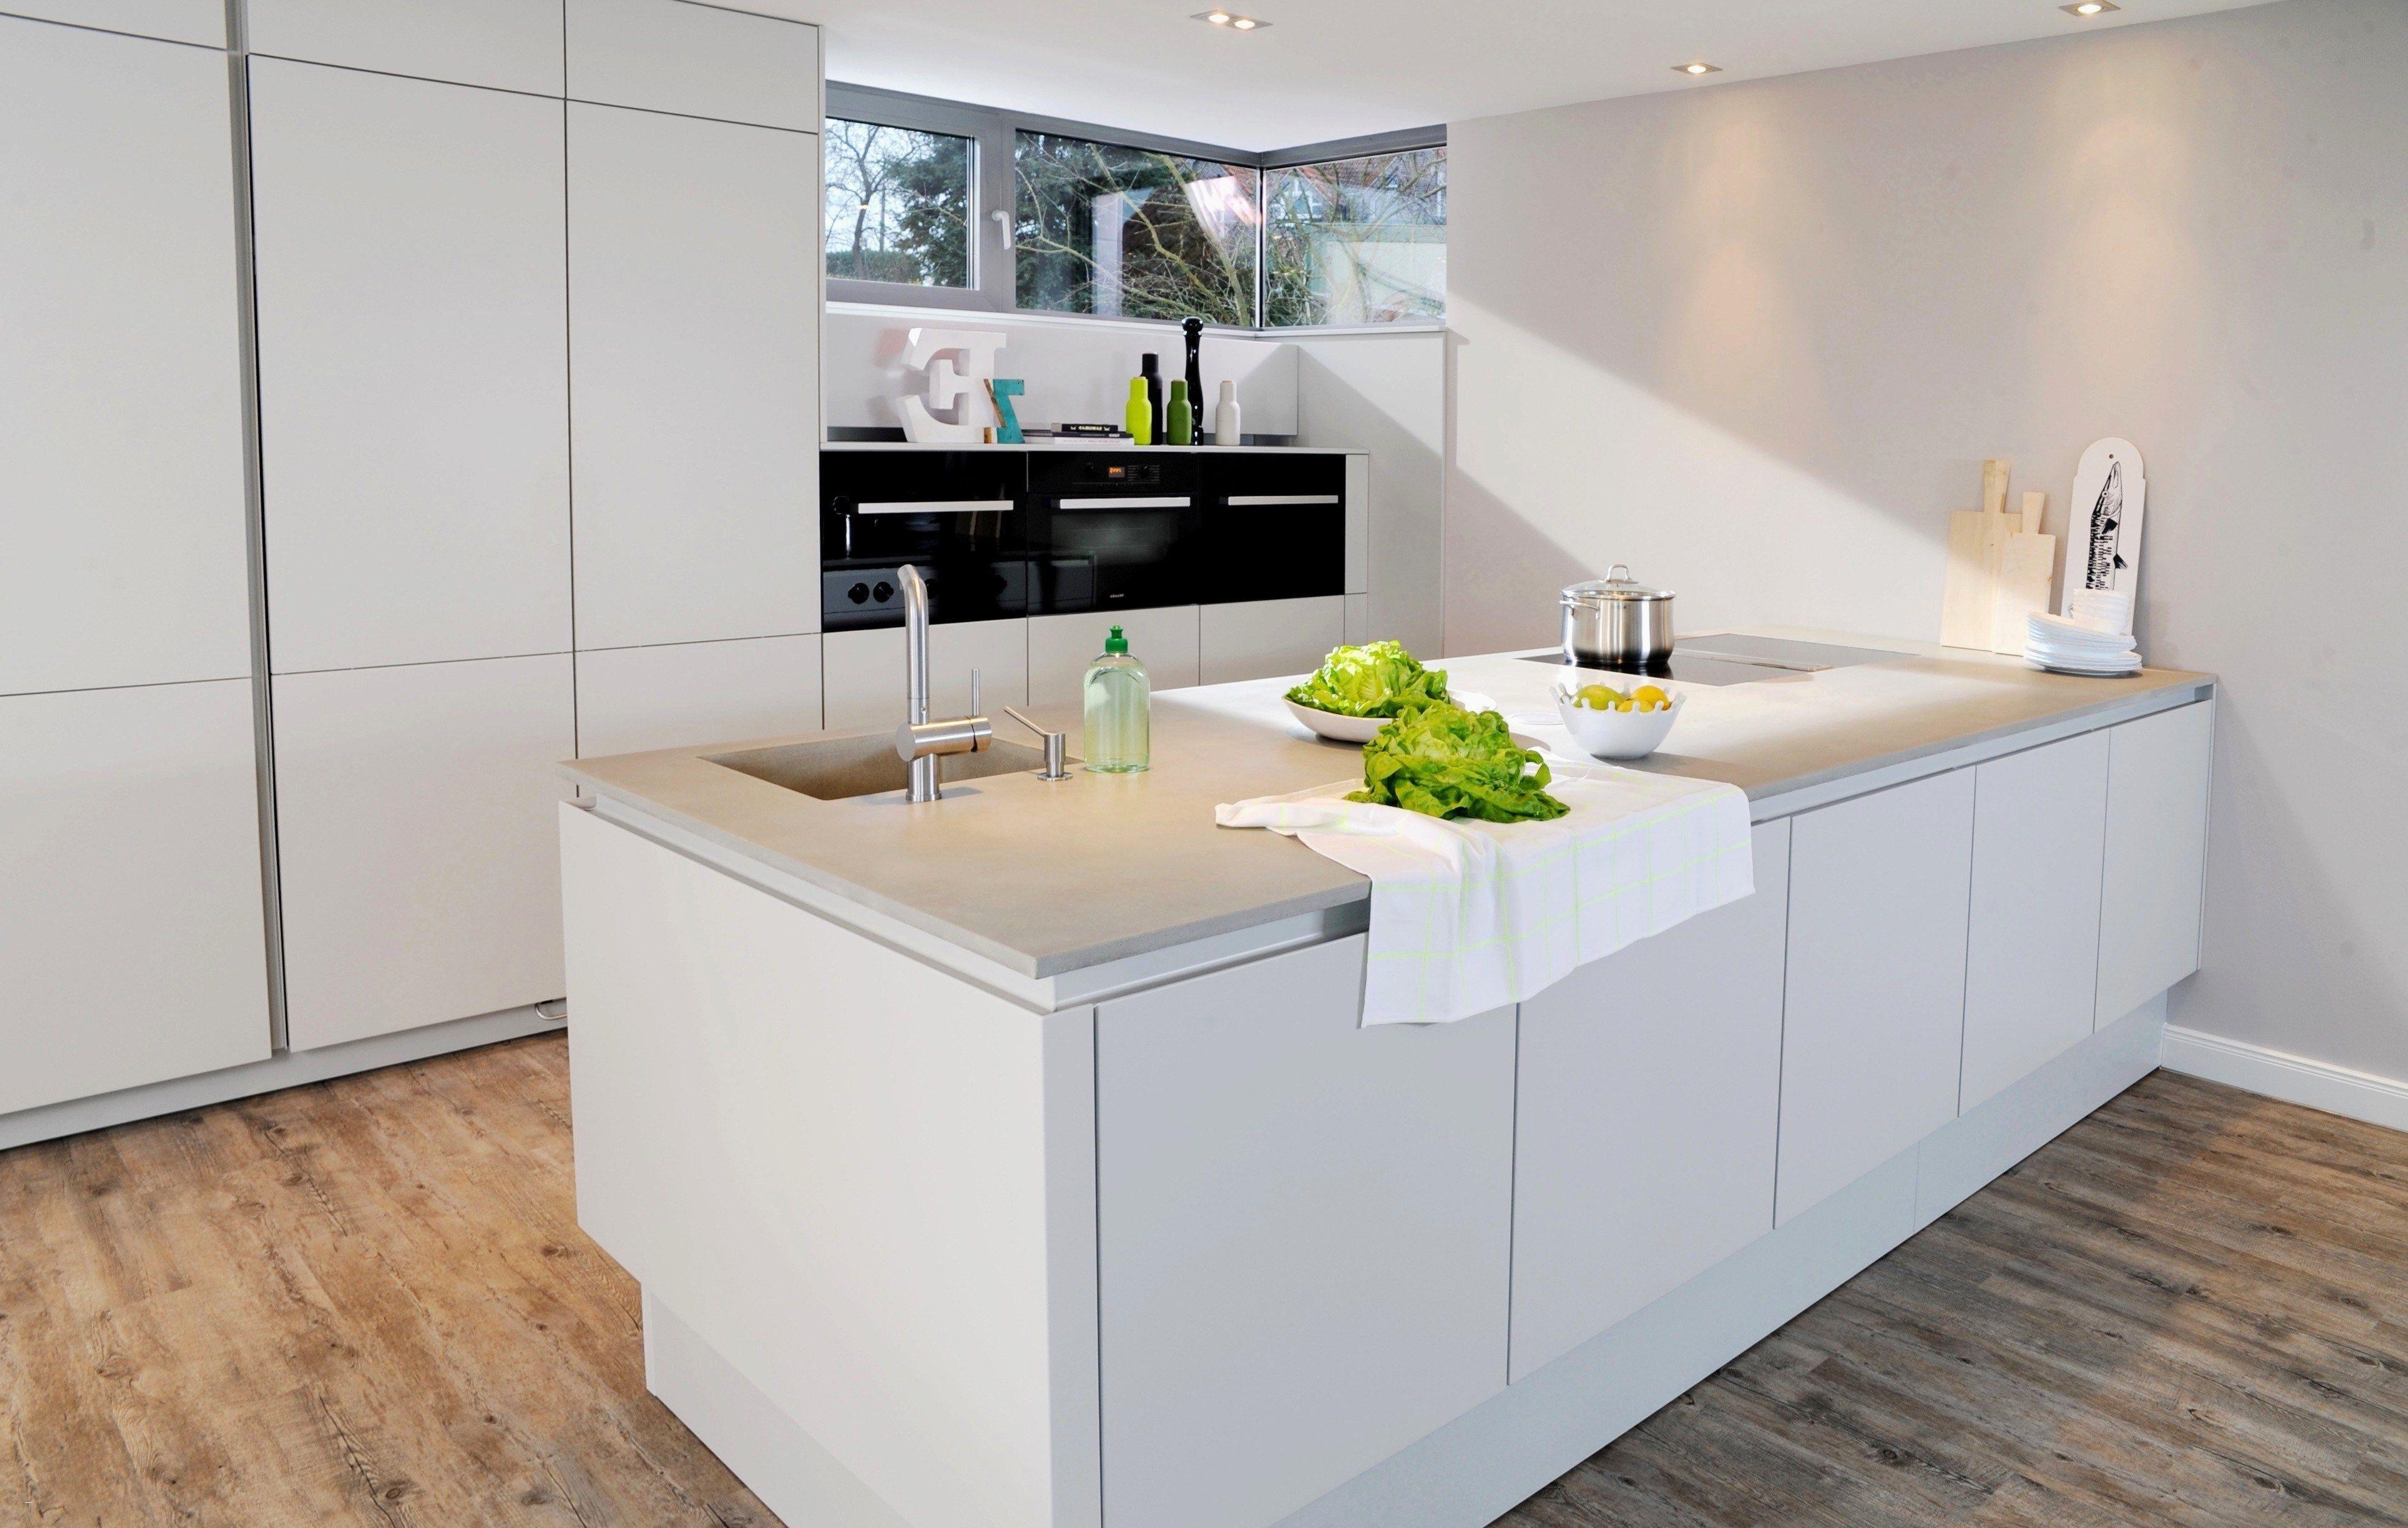 Arbeitsplatte Kuche Beige Masonictemplerestoration Weisse Kuchewandgestaltung Quality Kitchen Cabinets Glossy Kitchen Kitchen Cabinet Remodel